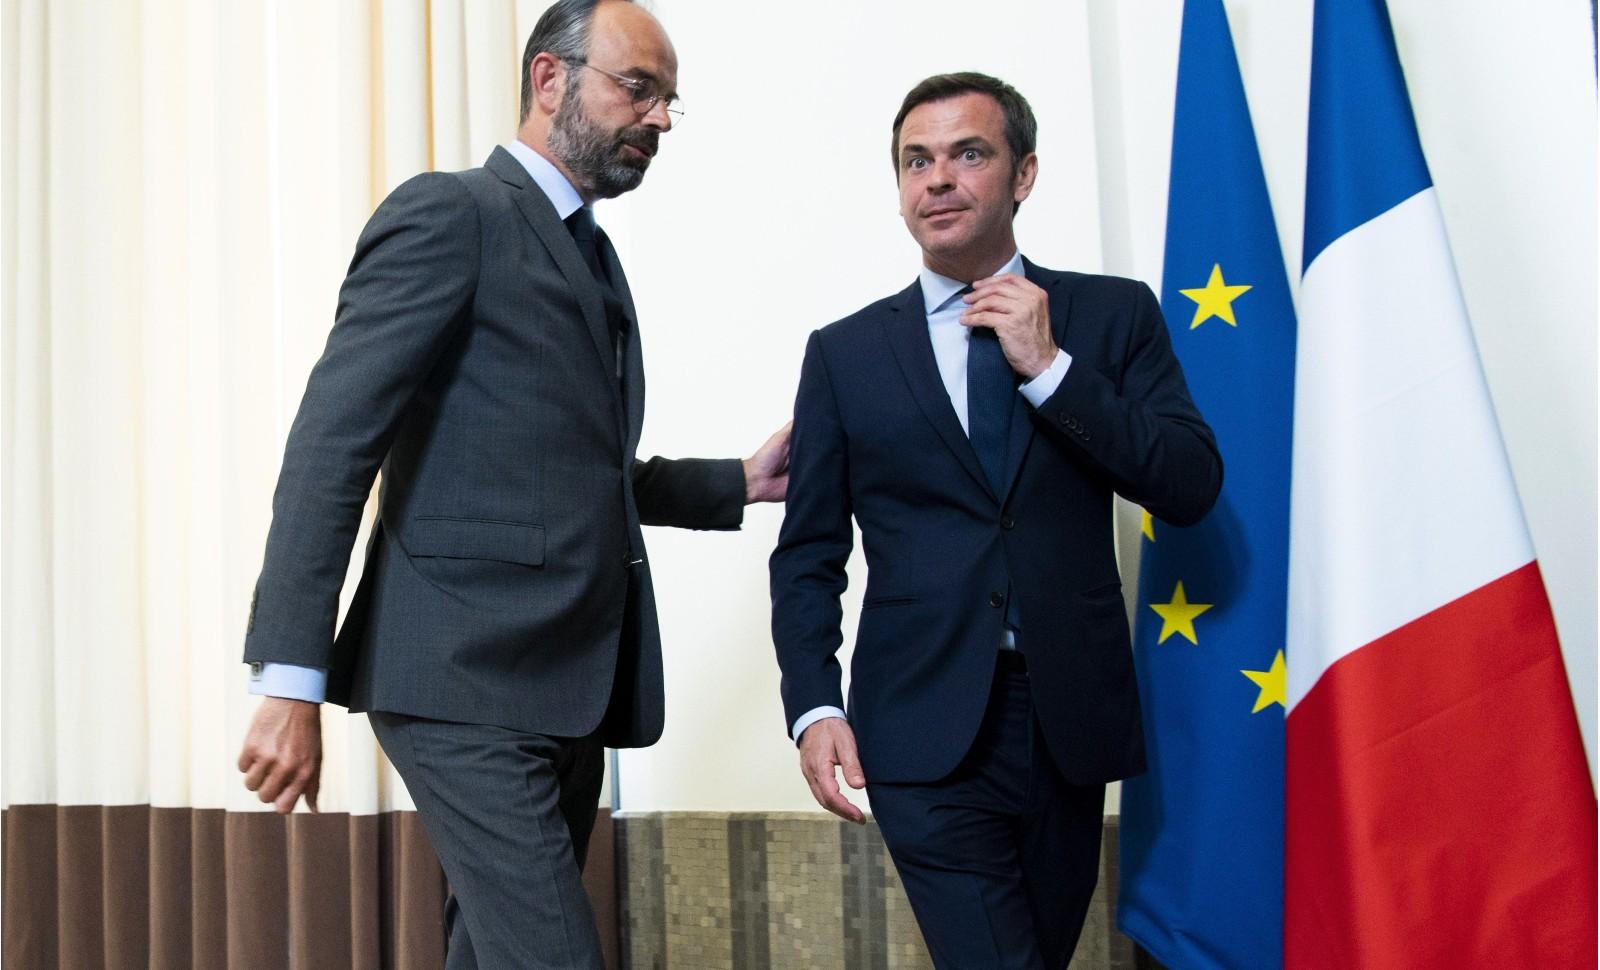 Edouard Philippe et Olivier Veran lancent le Ségur de la santé le 25 mai 2020 Paris © JB Autissier-POOL/SIPA Numéro de reportage: 00963865_000051